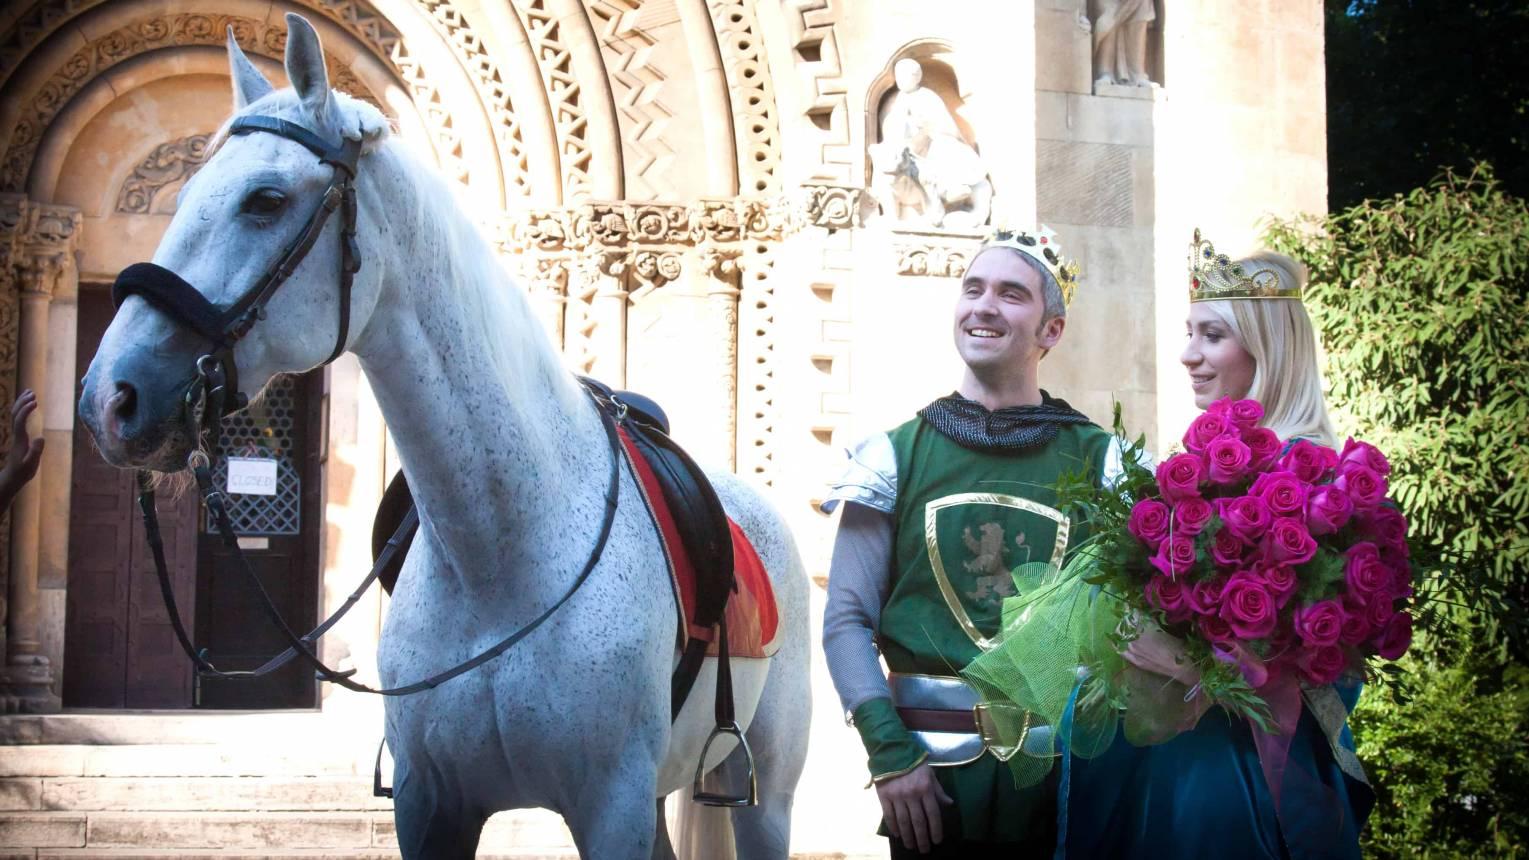 Királylányos fehér lovas lánykérés a Vajdahunyad várban